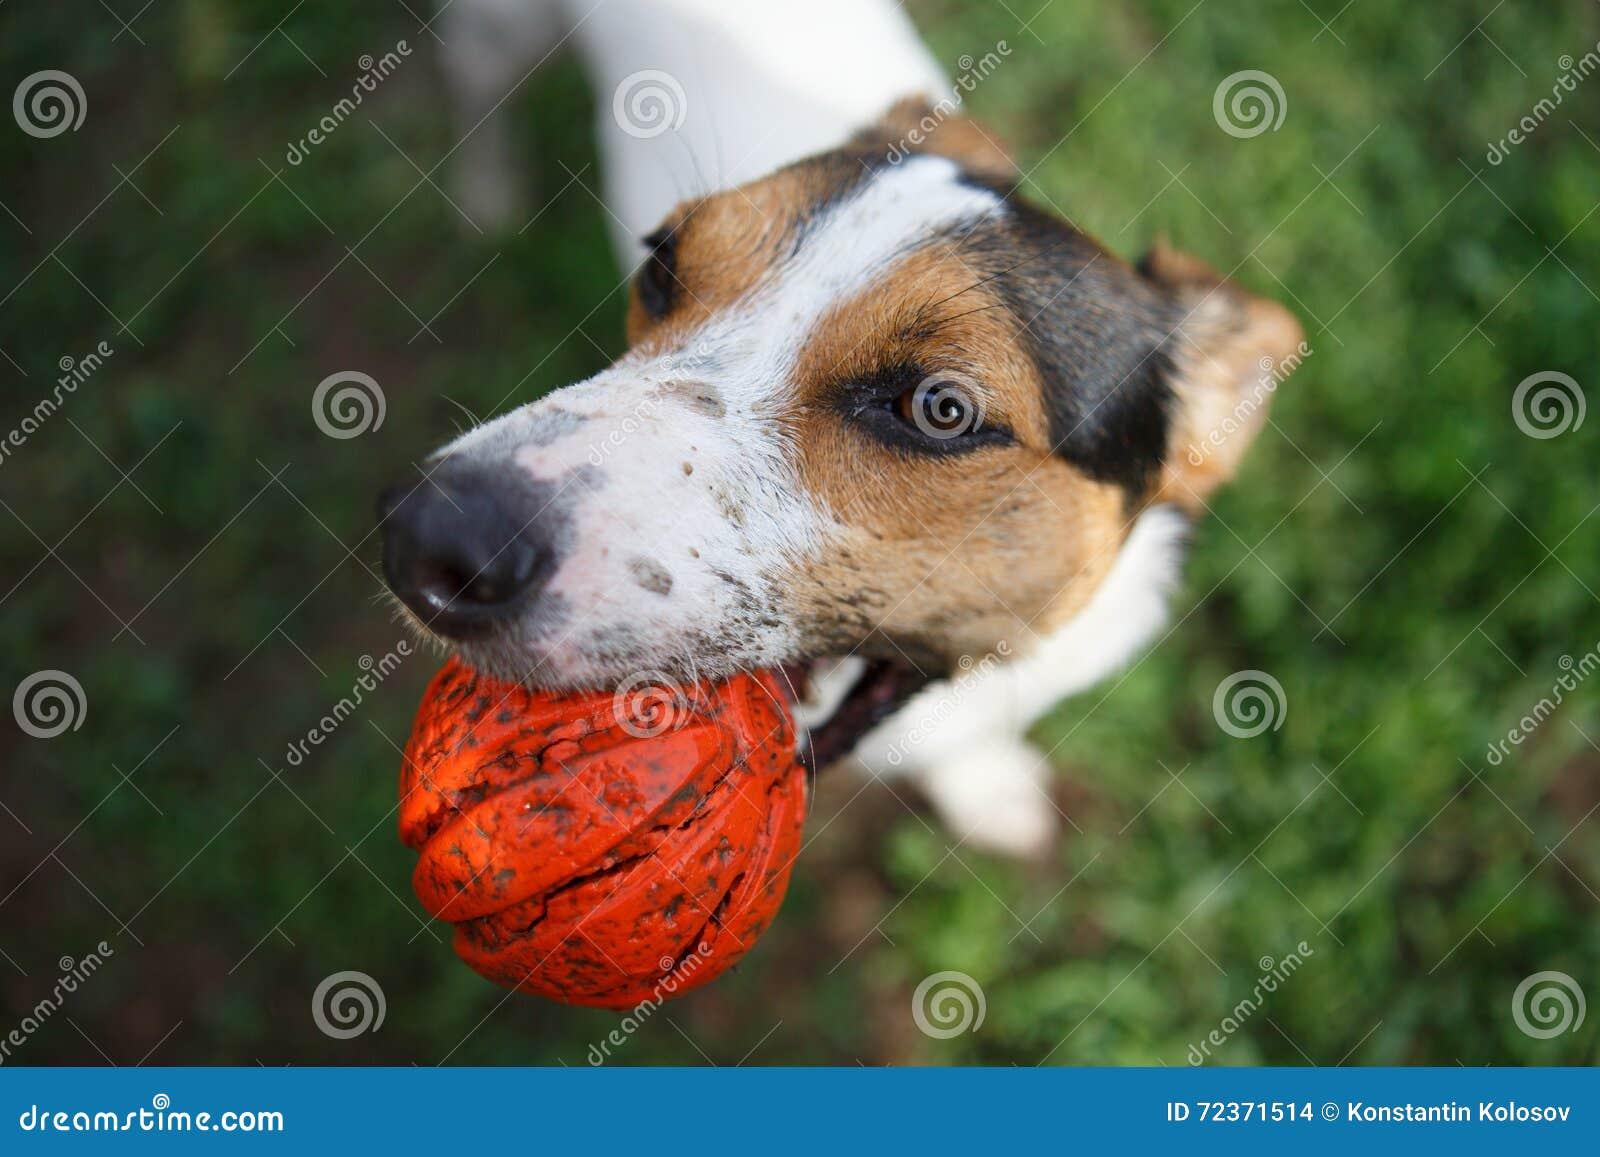 Hund mit Kugel im Mund